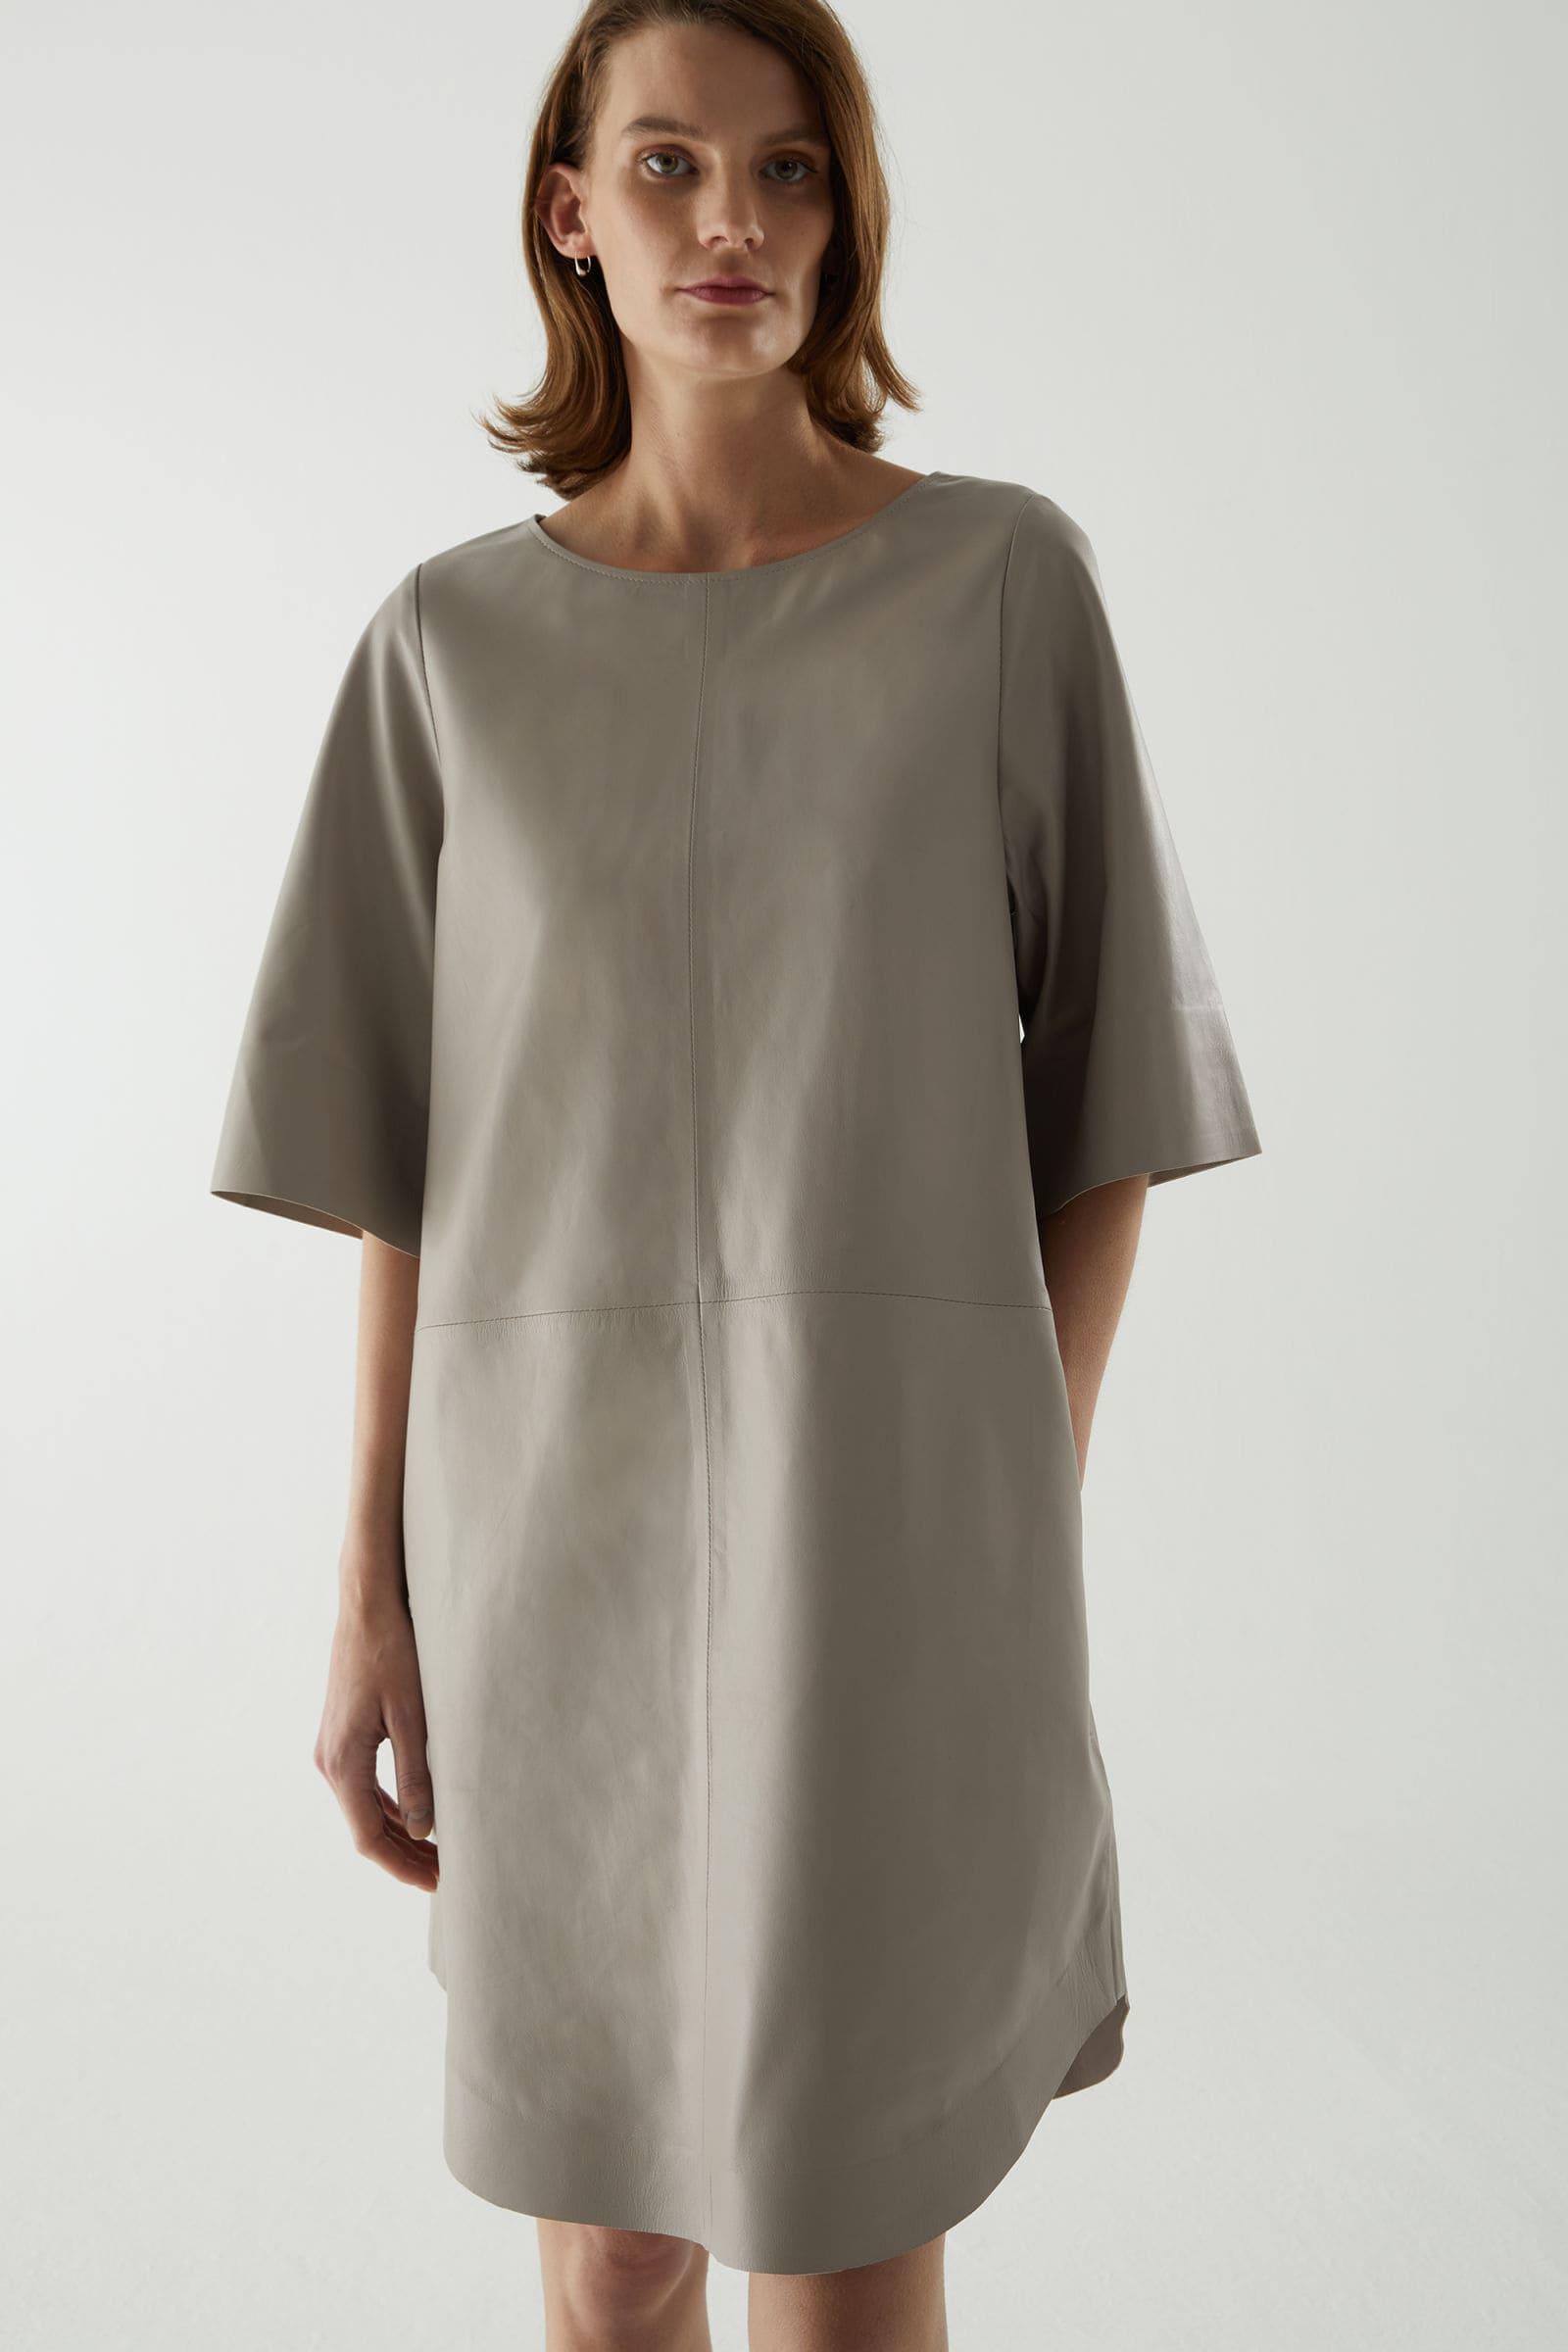 Vårmode för dam grå läderklänning 2021